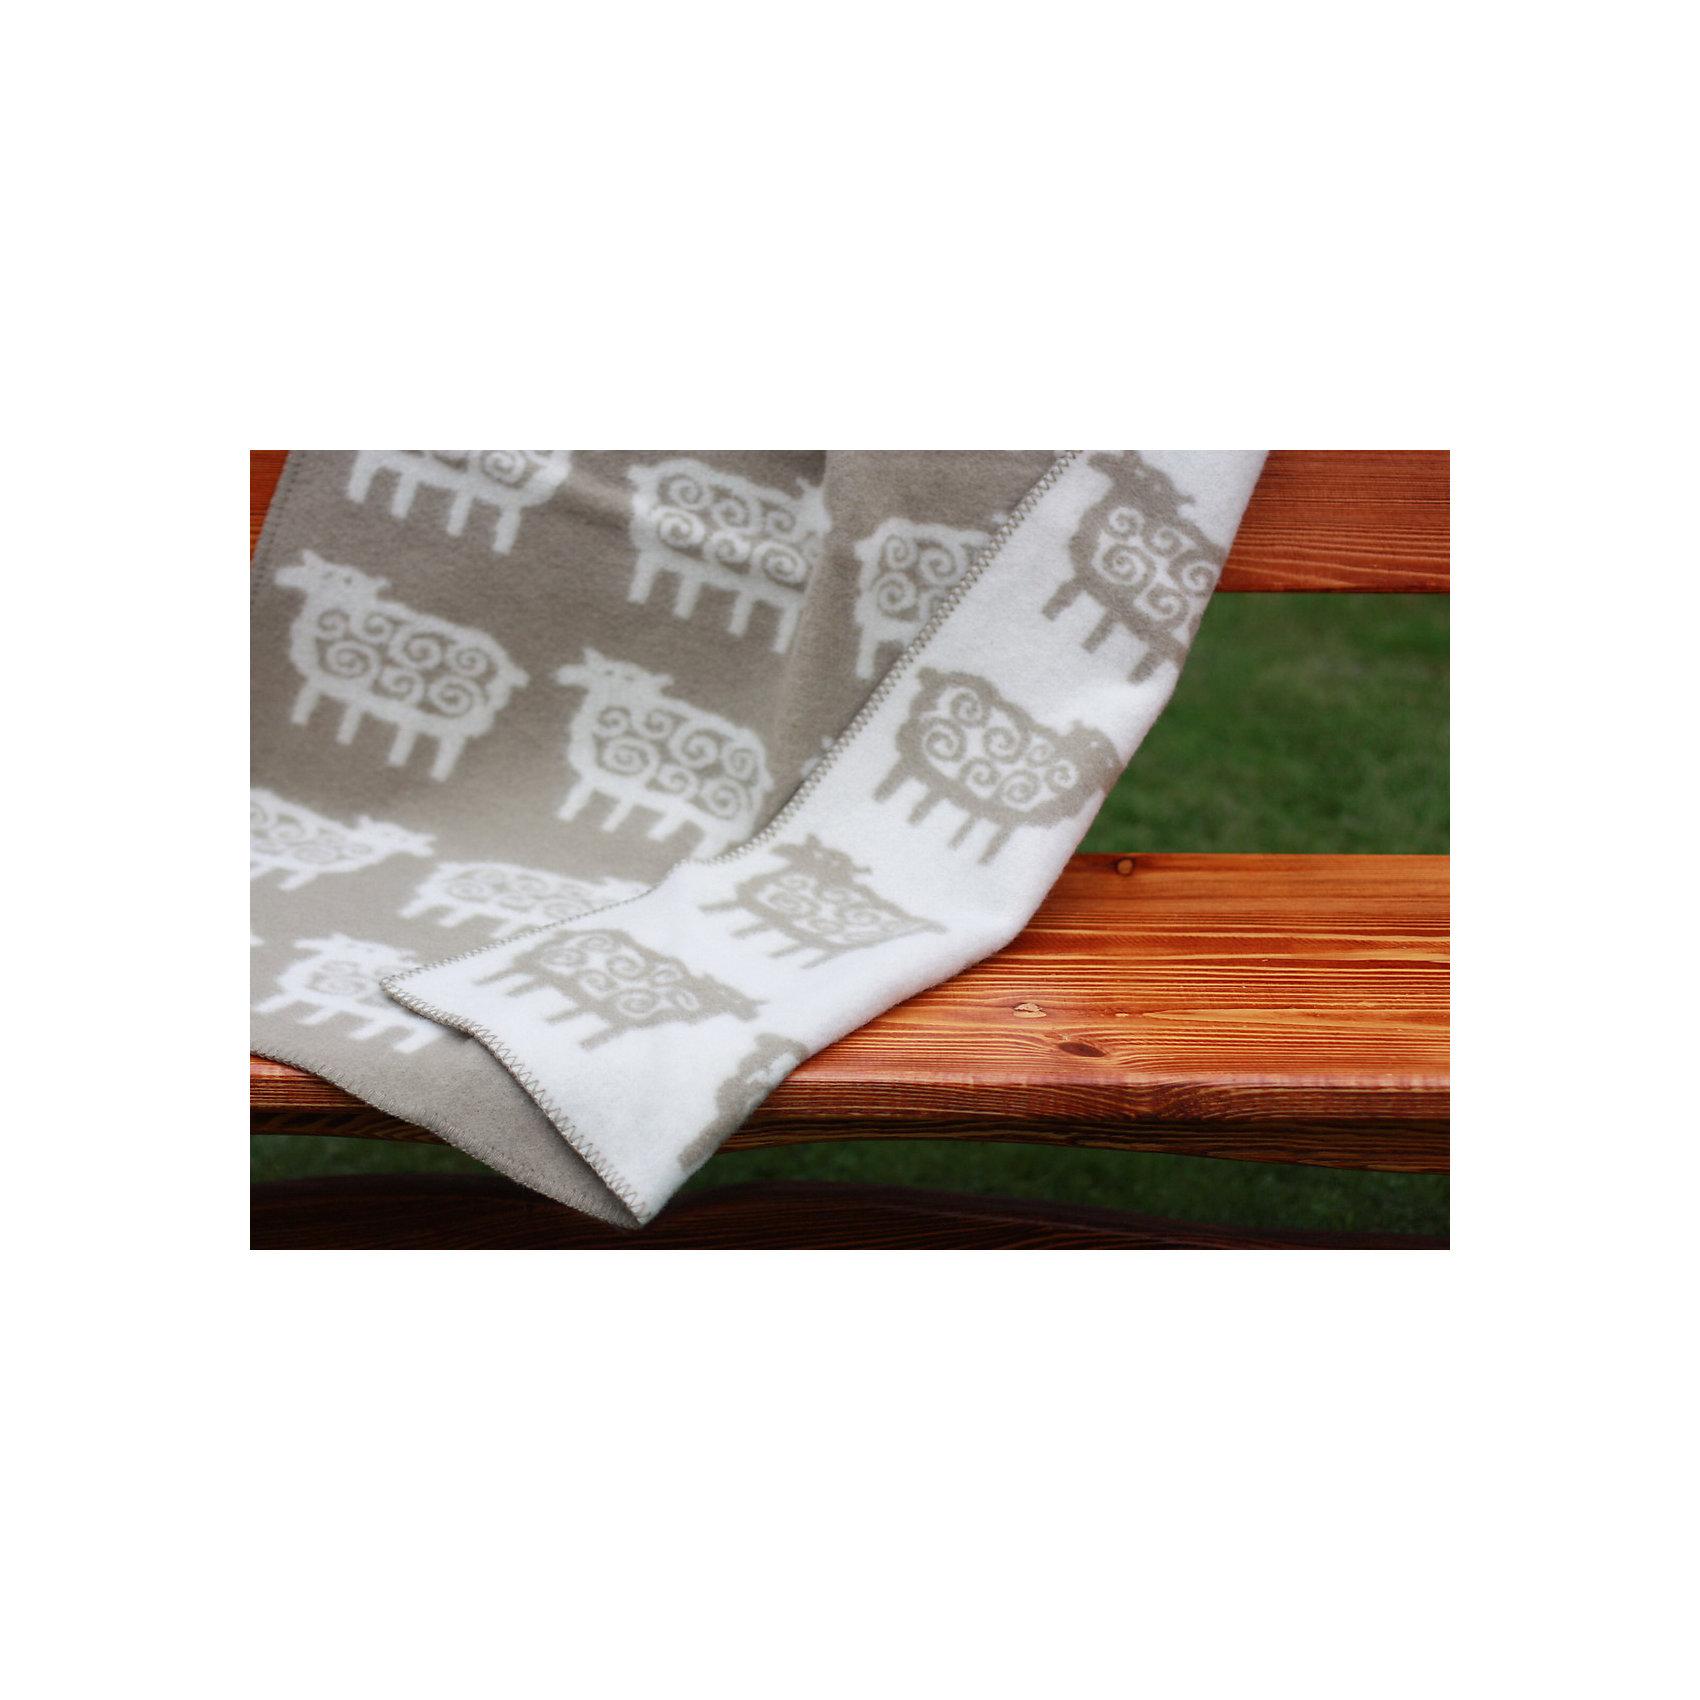 Одеяло эко-шерсть 90х130, барашки, Klippan, бежевыйОдеяла<br>Характеристики:<br><br>• дизайнерское оформление;<br>• материал: эко-шерсть, шерсть мериносов и ягнят;<br>• допускается машинная стирка при температуре 30 градусов в режиме «шерсть»;<br>• не сушить;<br>• размер одеяла: 90х130 см;<br>• размер упаковки: 47х37х7 см;<br>• вес 700 г.<br><br>Одеяло эко-шерсть 90х130, барашки, Klippan, бежевый можно купить в нашем интернет-магазине.<br><br>Ширина мм: 800<br>Глубина мм: 800<br>Высота мм: 50<br>Вес г: 500<br>Возраст от месяцев: 0<br>Возраст до месяцев: 12<br>Пол: Унисекс<br>Возраст: Детский<br>SKU: 5445073